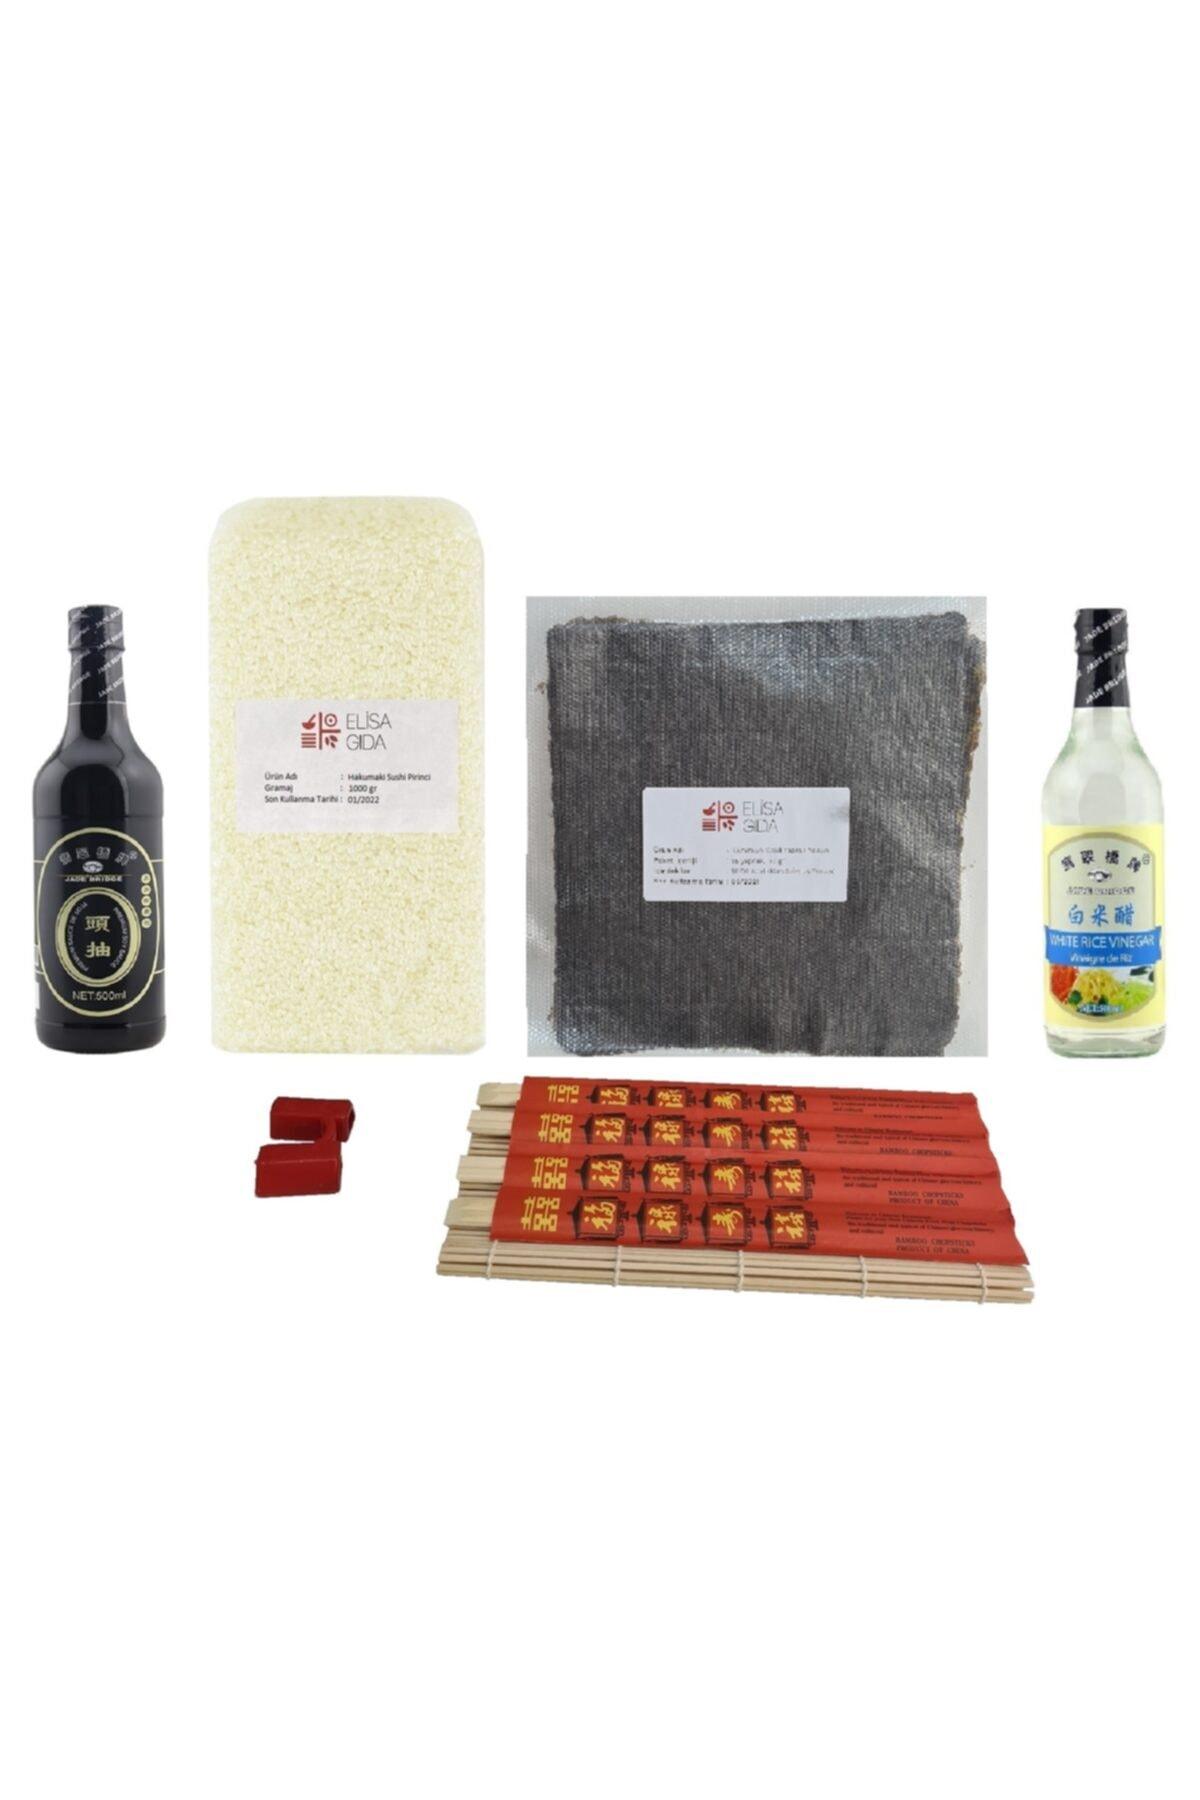 Elisa Gıda Başlangıç Sushi Set 1